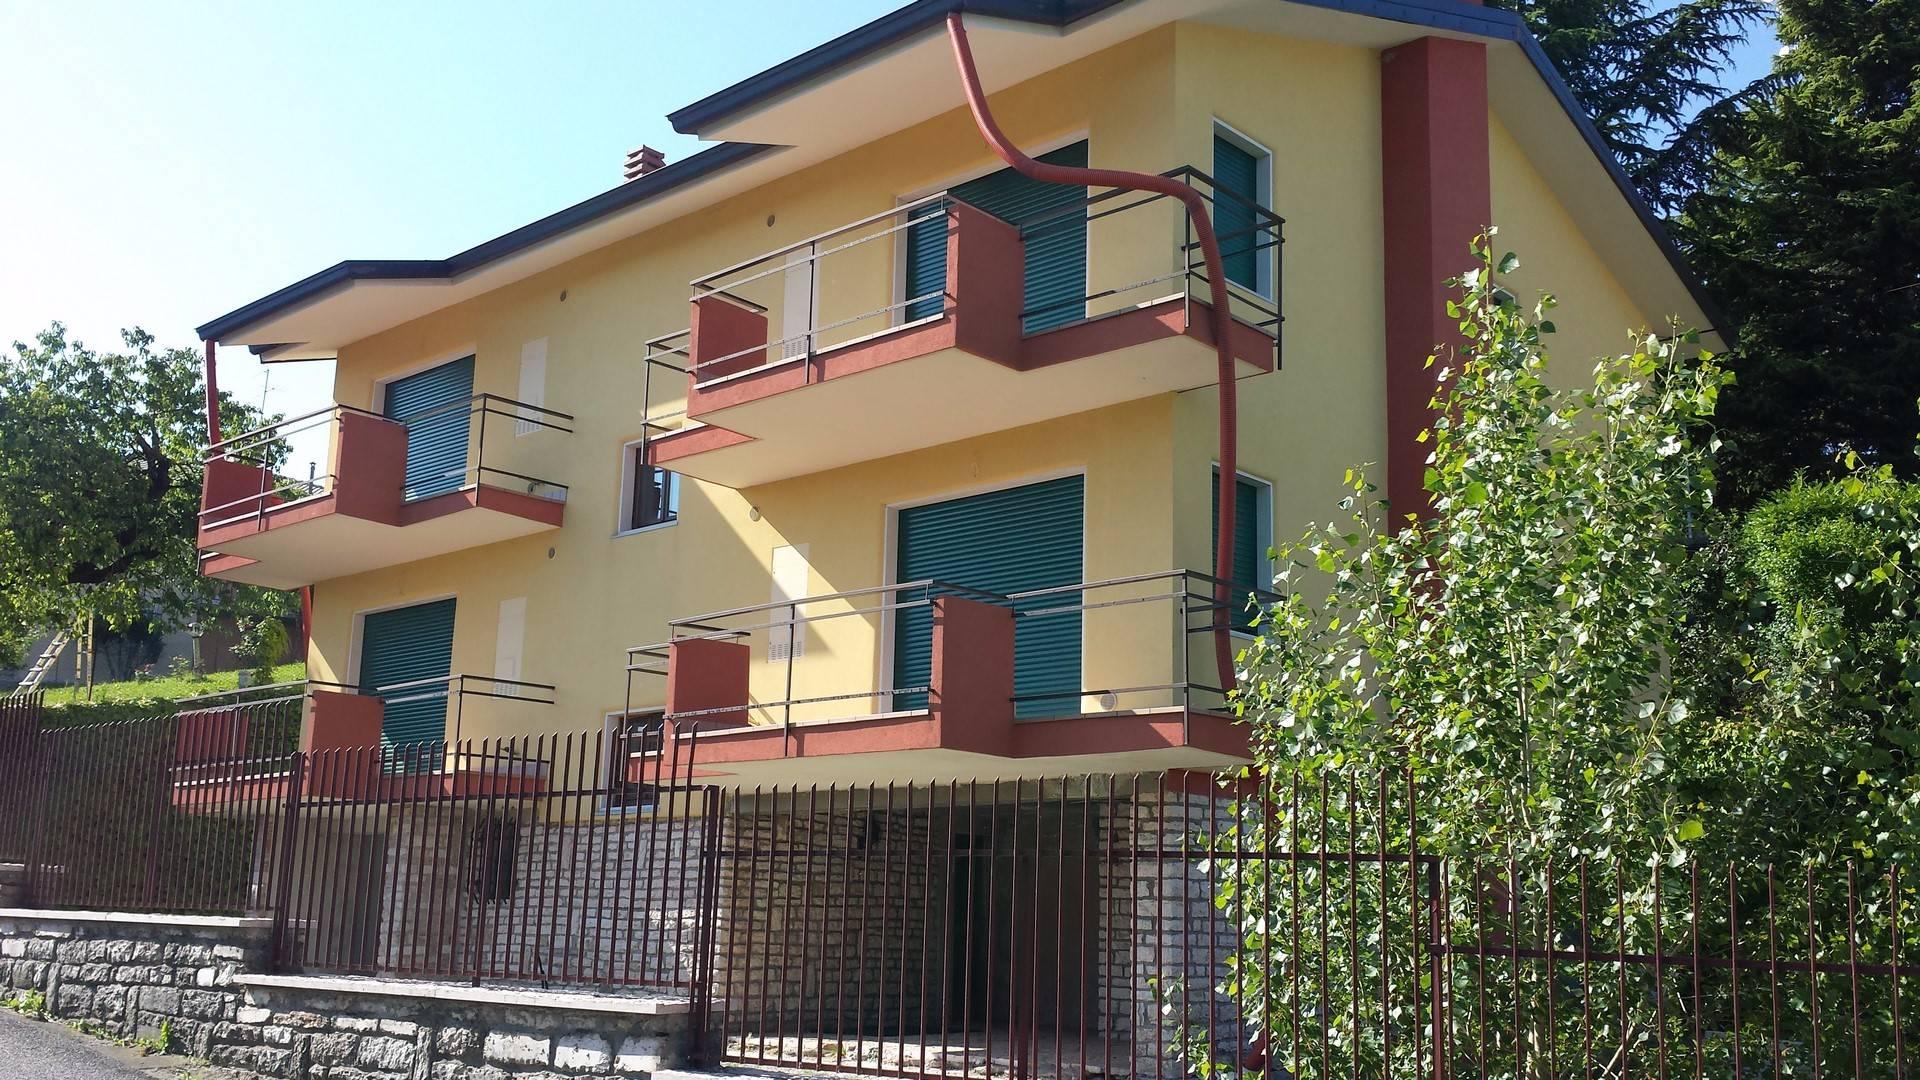 Appartamento in vendita a Cerro Veronese, 3 locali, prezzo € 140.000 | Cambio Casa.it